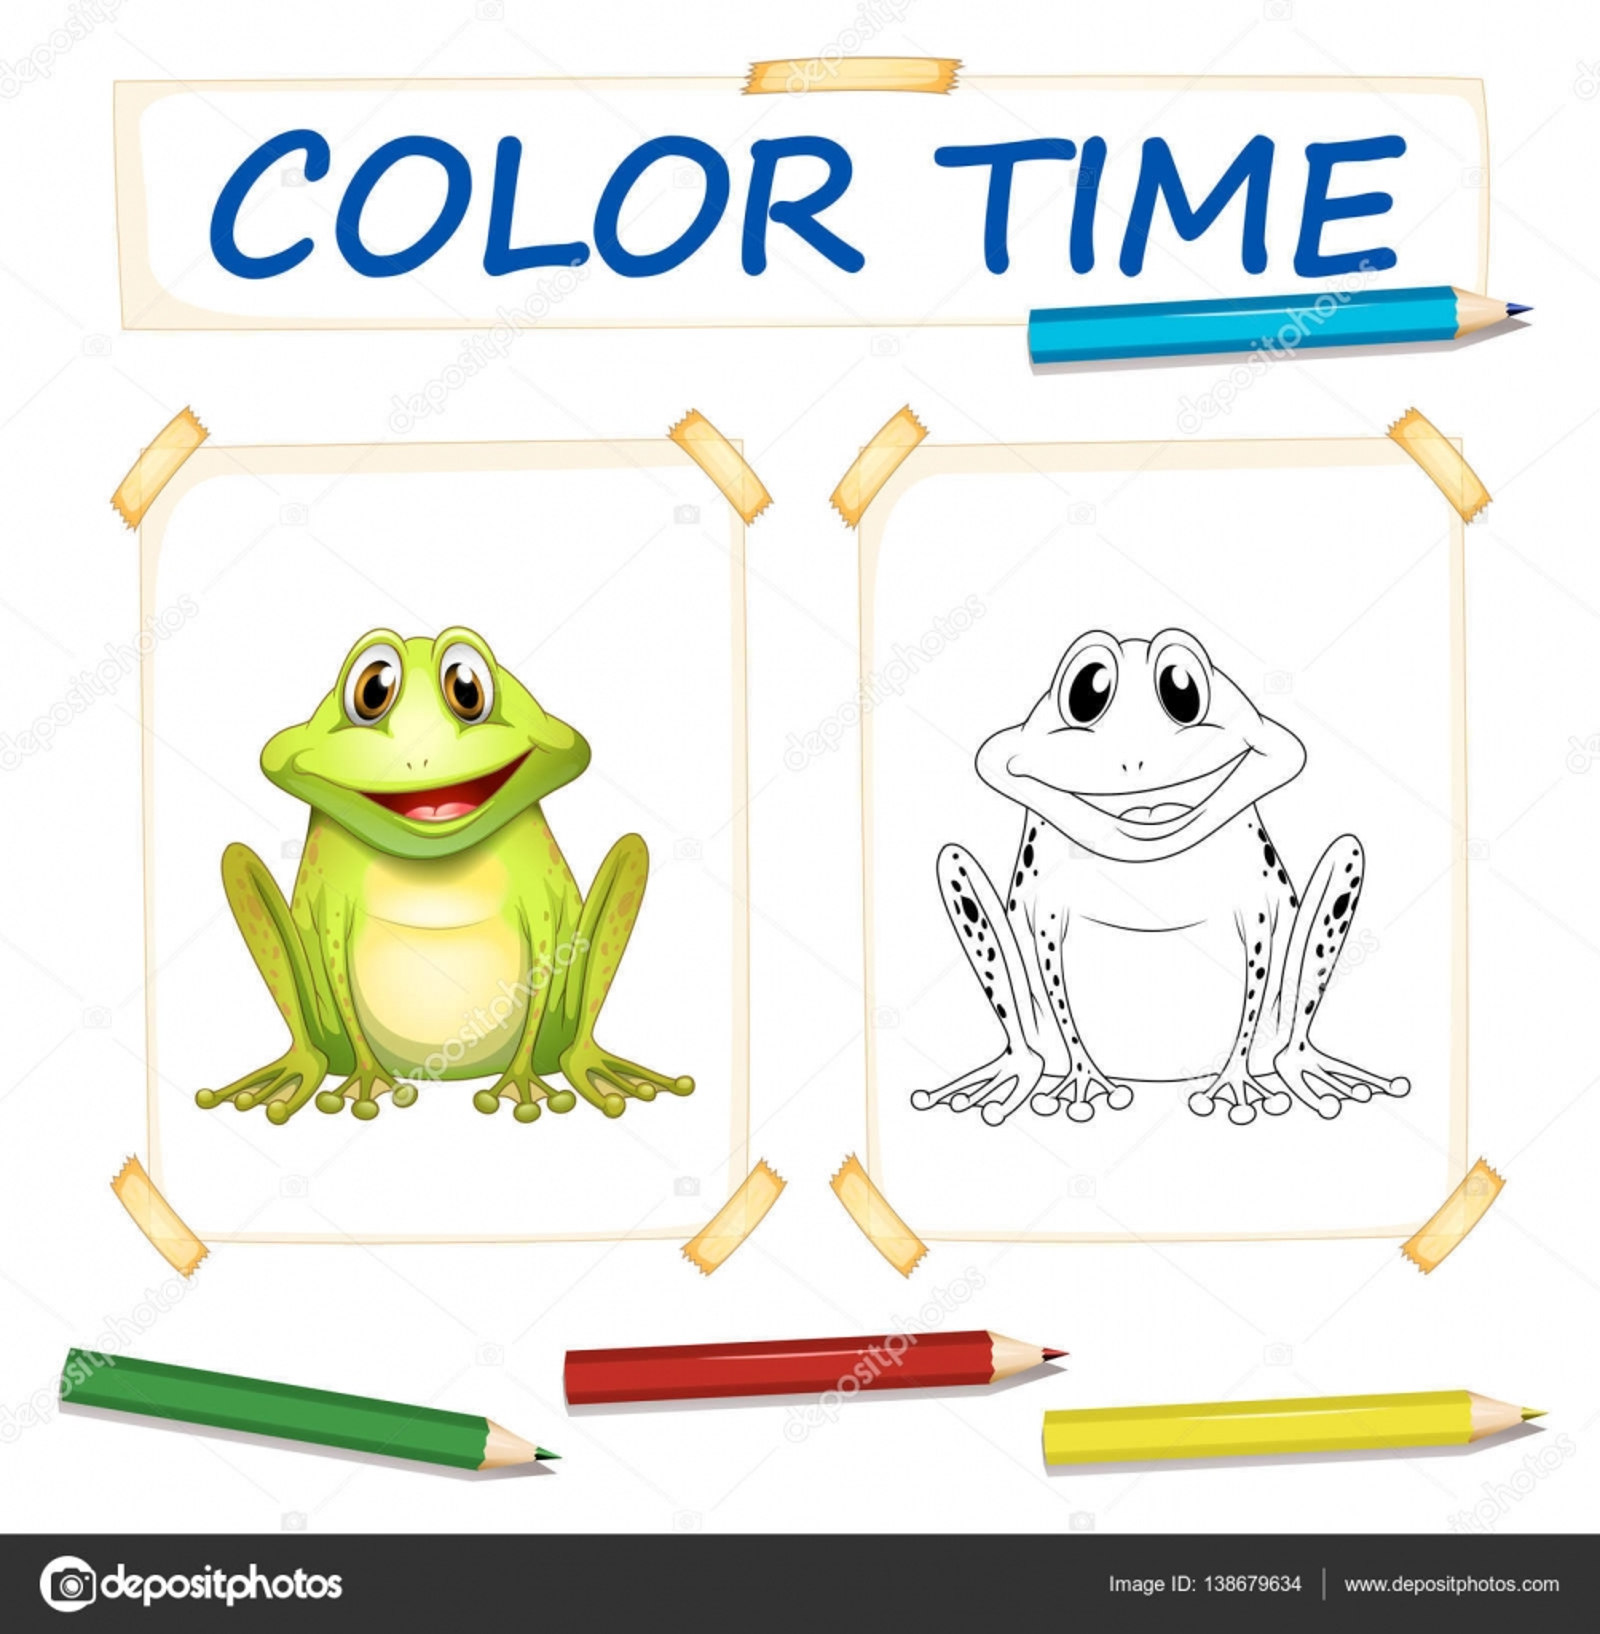 Plantillas para colorear con Linda rana — Archivo Imágenes ...